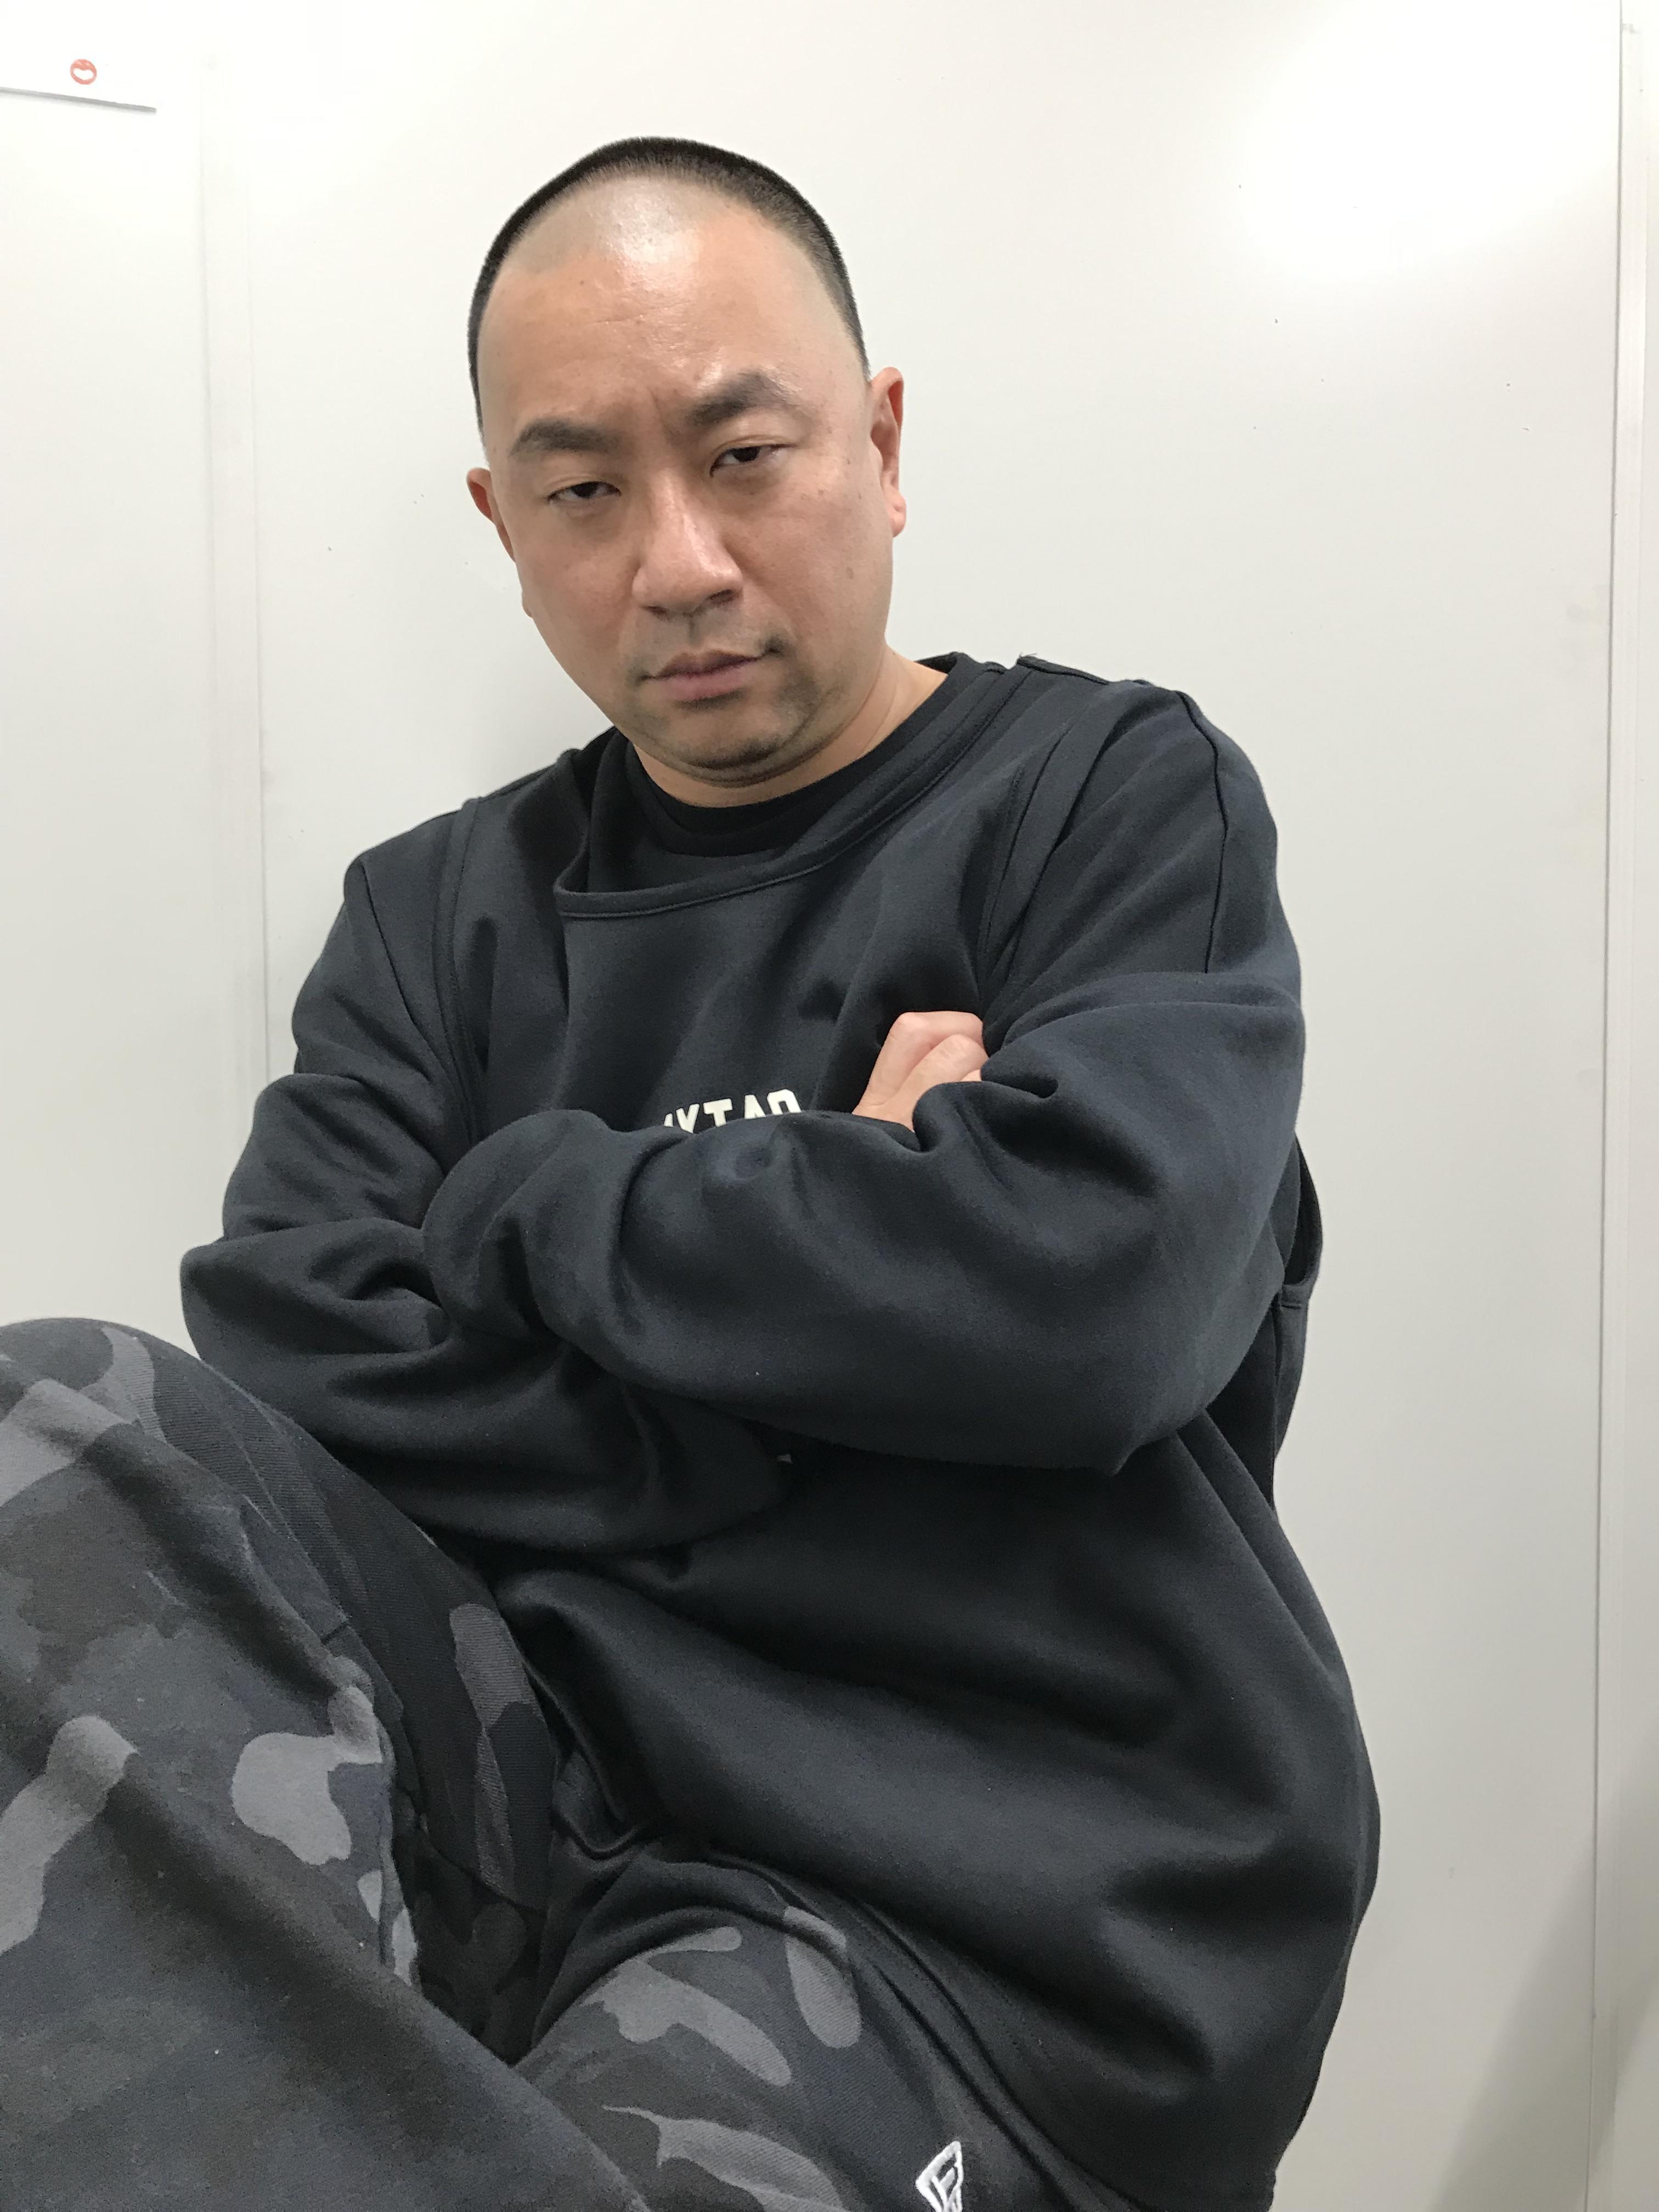 http://news.yoshimoto.co.jp/20181203160958-b6f870acd6c4dd146ce420c10f4c7620ac41eac1.jpg